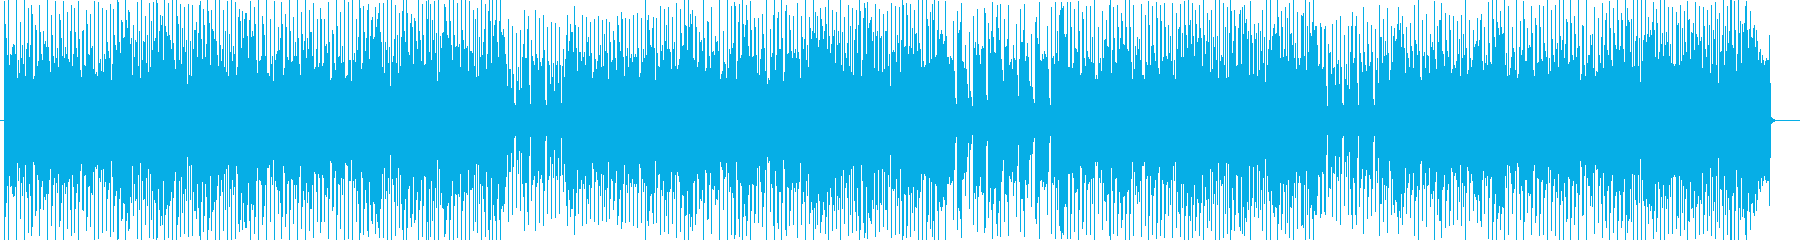 バトルゲームBGMテクノ風サウンドの再生済みの波形